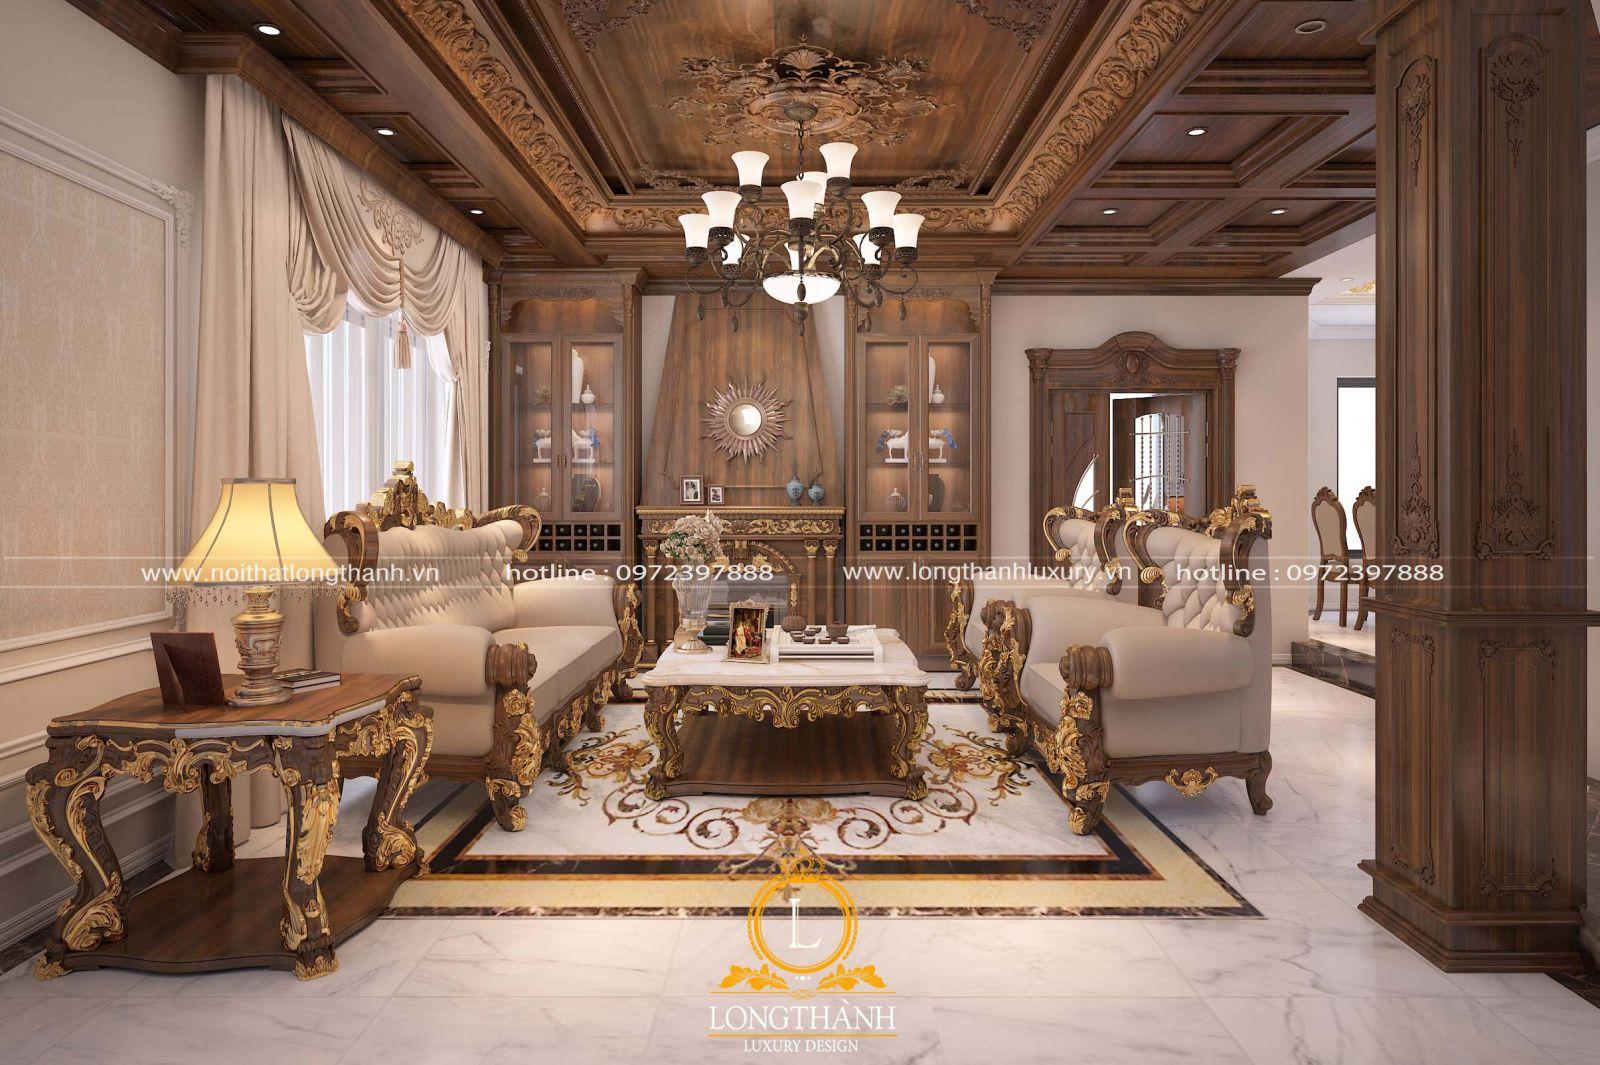 Nội thất phòng khách biệt thự theo kiểu cổ điển với chất liệu cao cấp